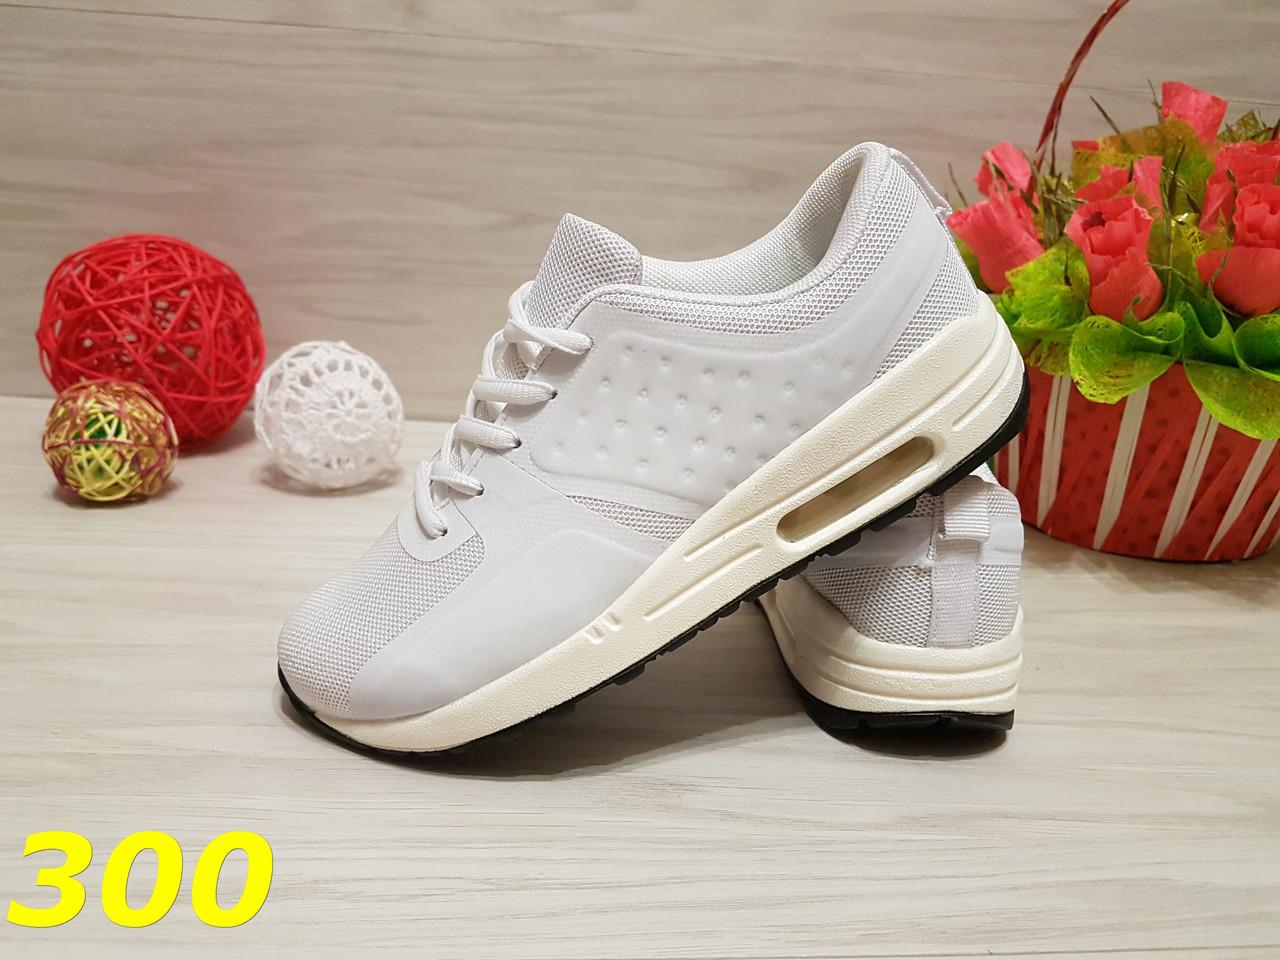 Кроссовки белые · Кроссовки белые · Жіноче взуття · Спортивне взуття. 549  грн. 1aa74f6196d45